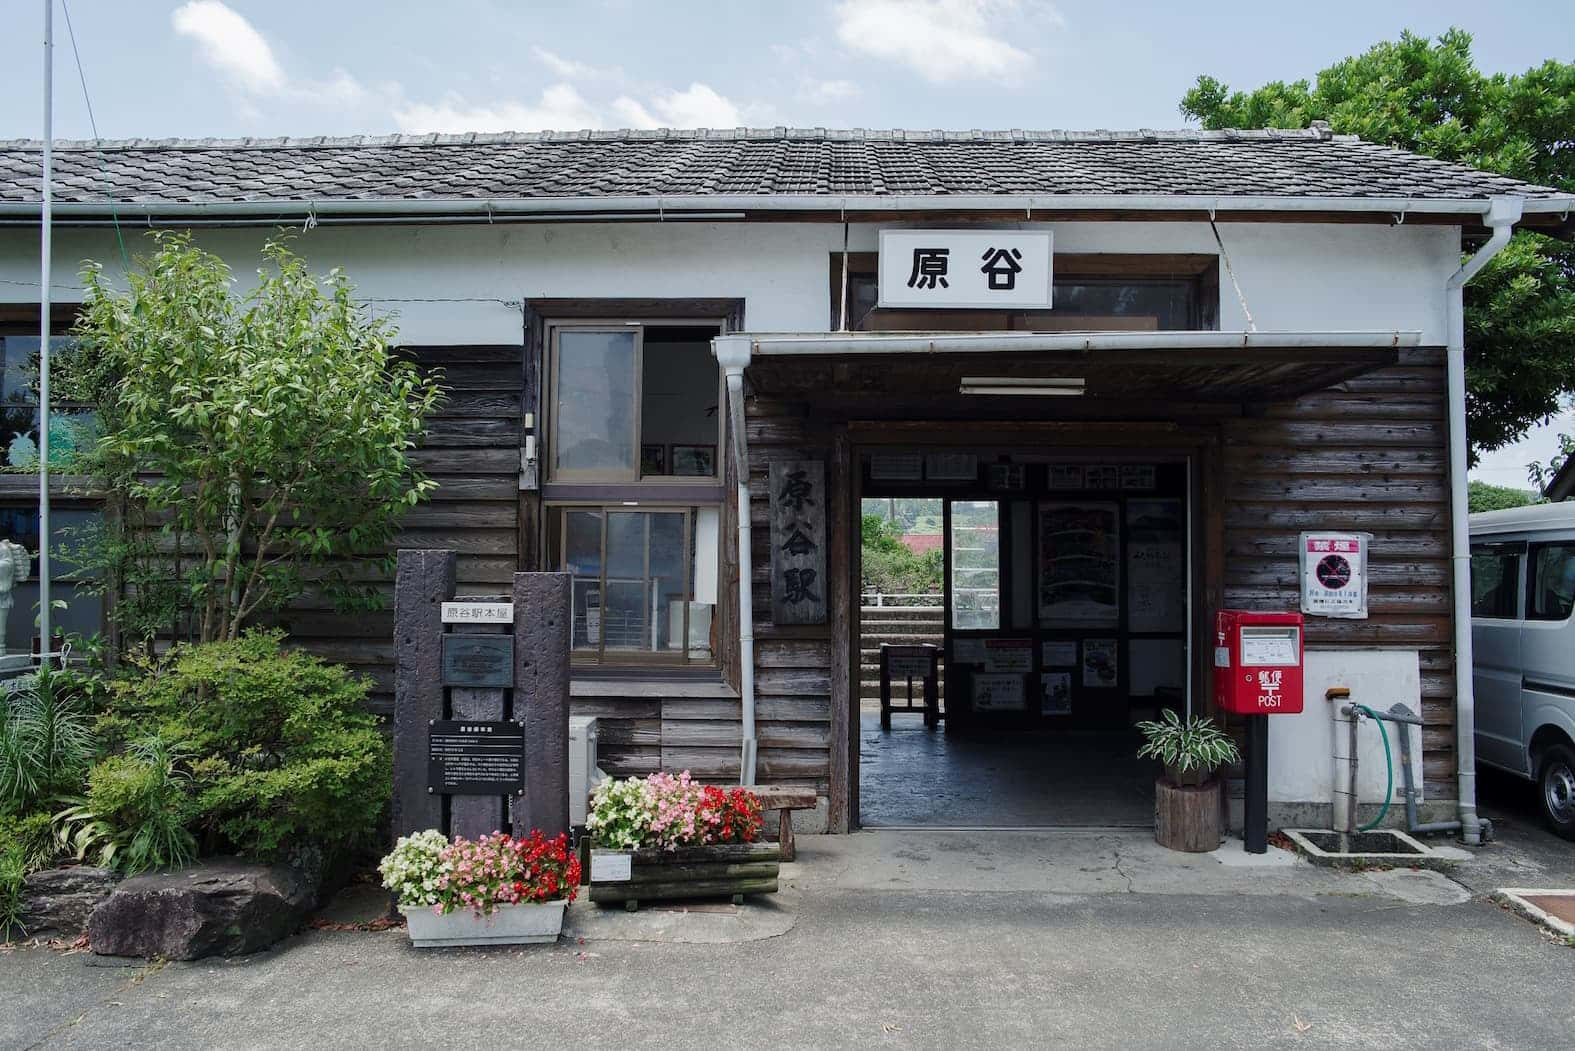 Tenryu Hamanako Railroad